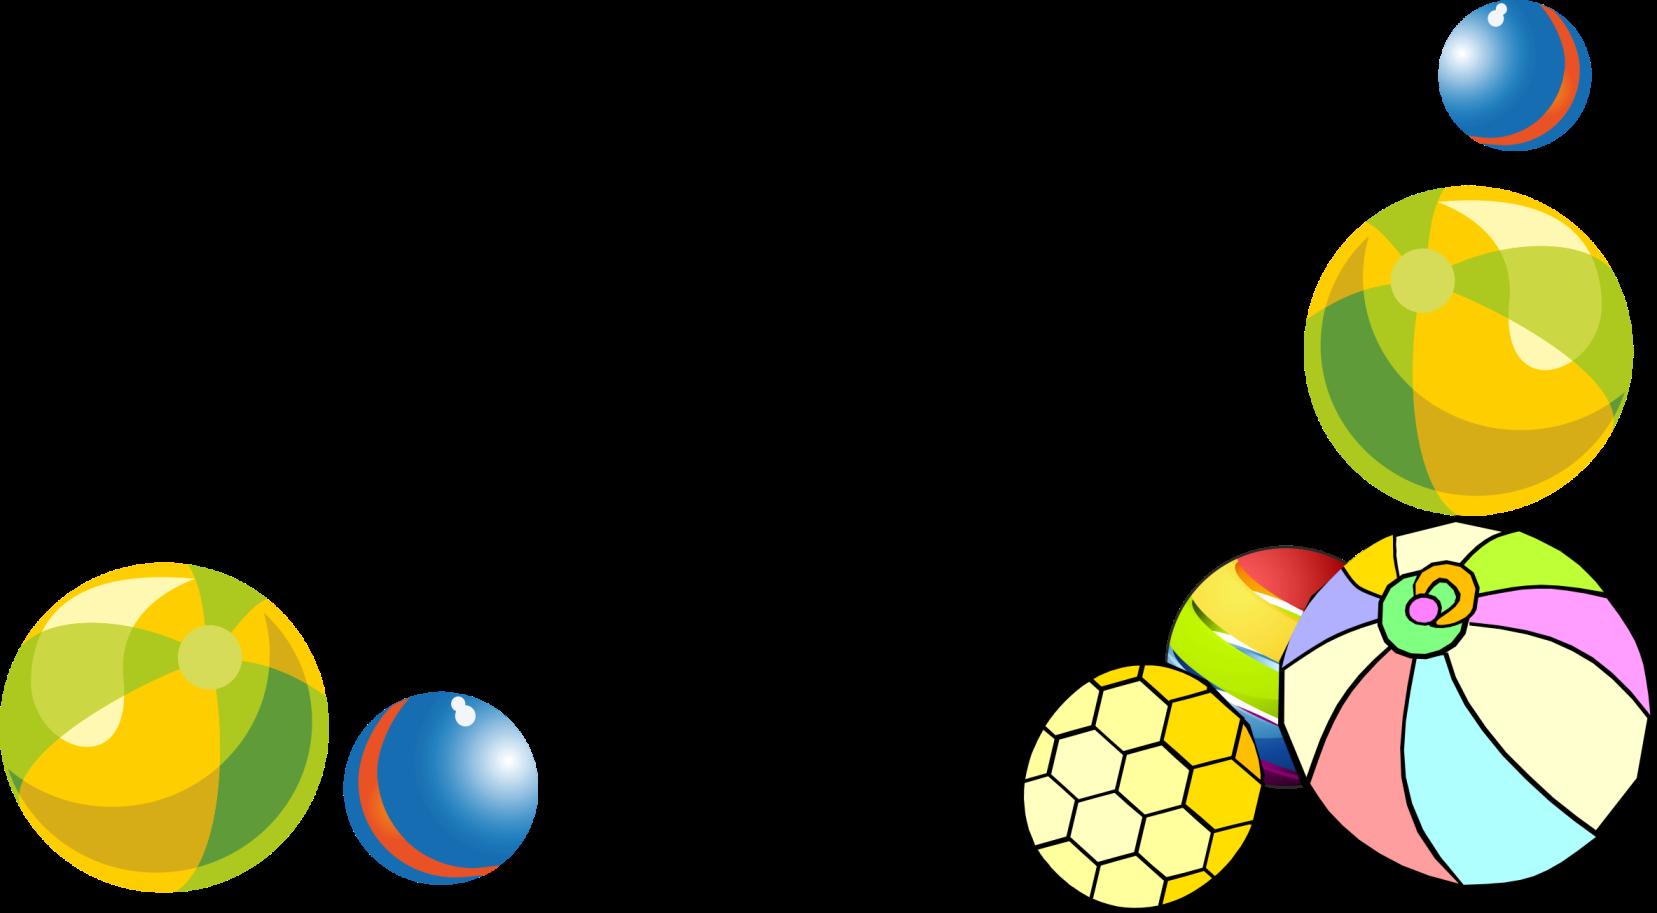 мячи.png